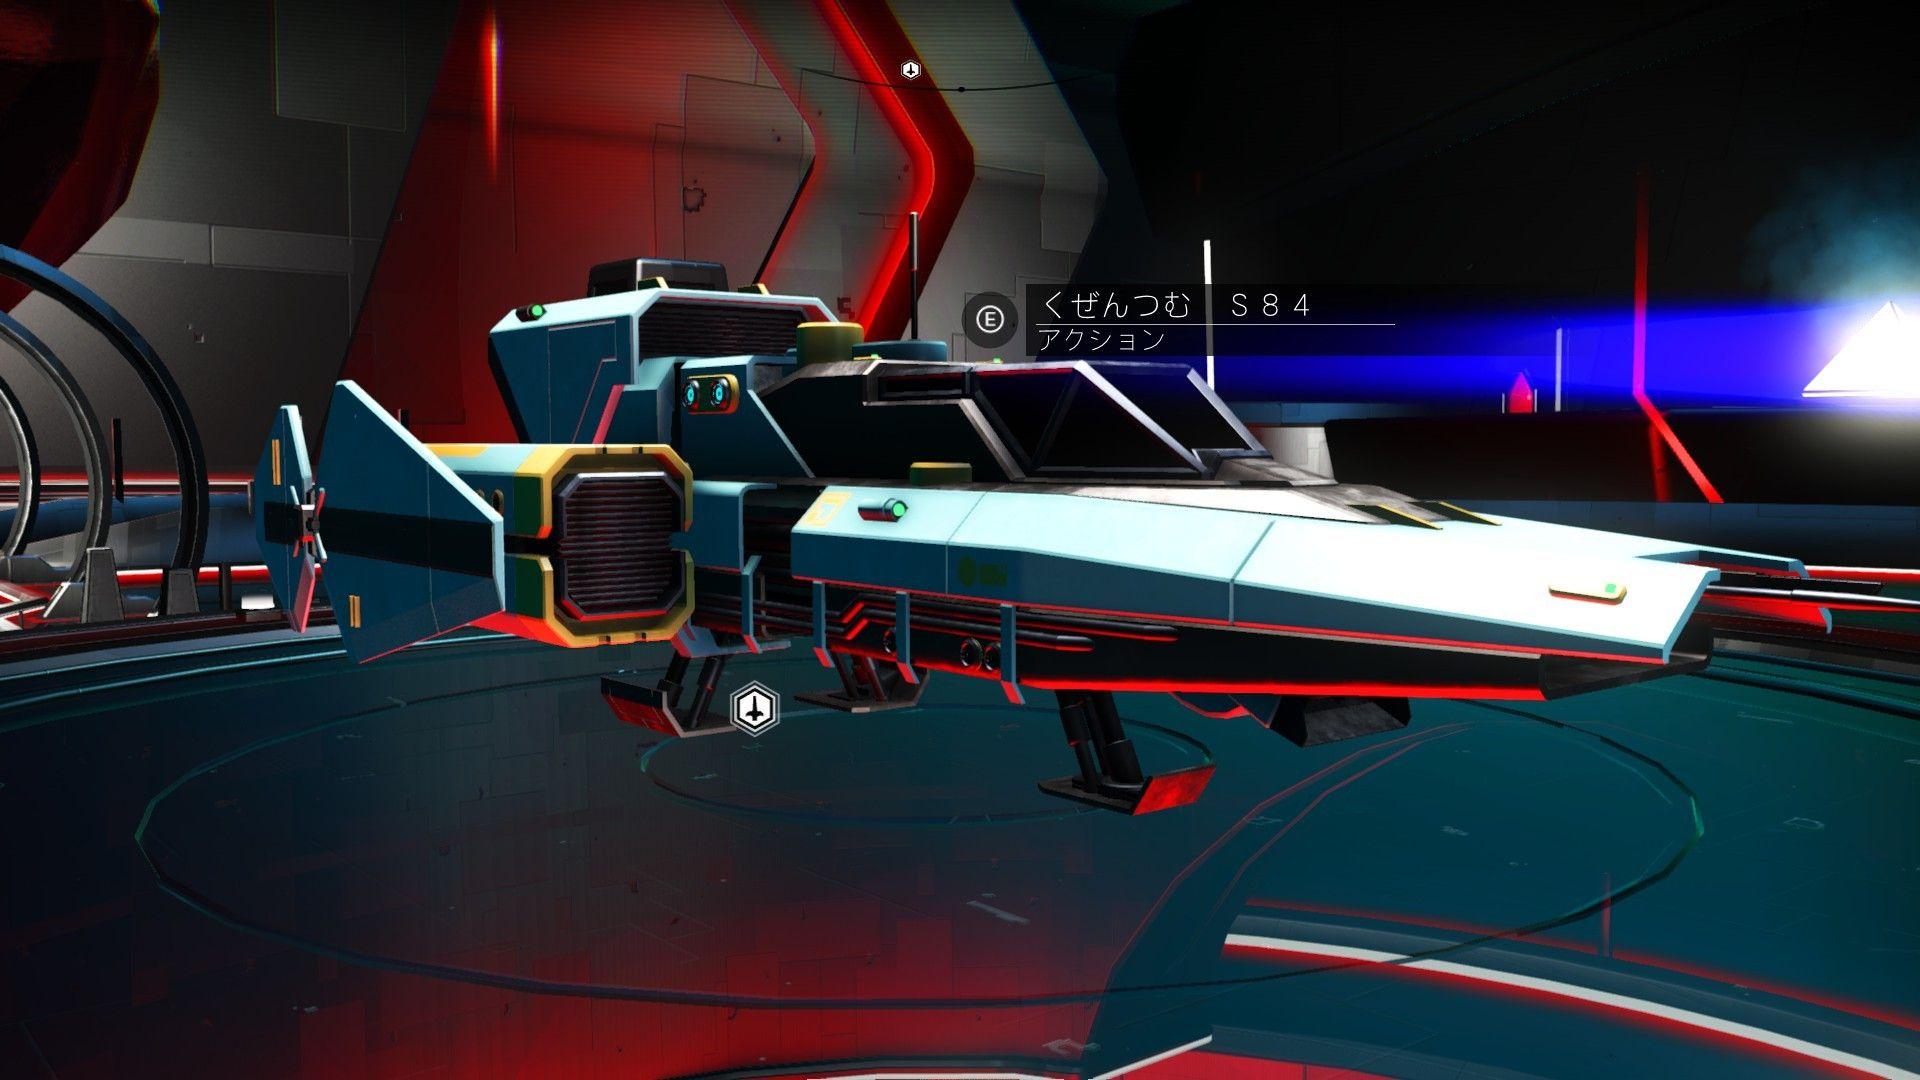 宇宙 スカイ 船 ズ ノーマン